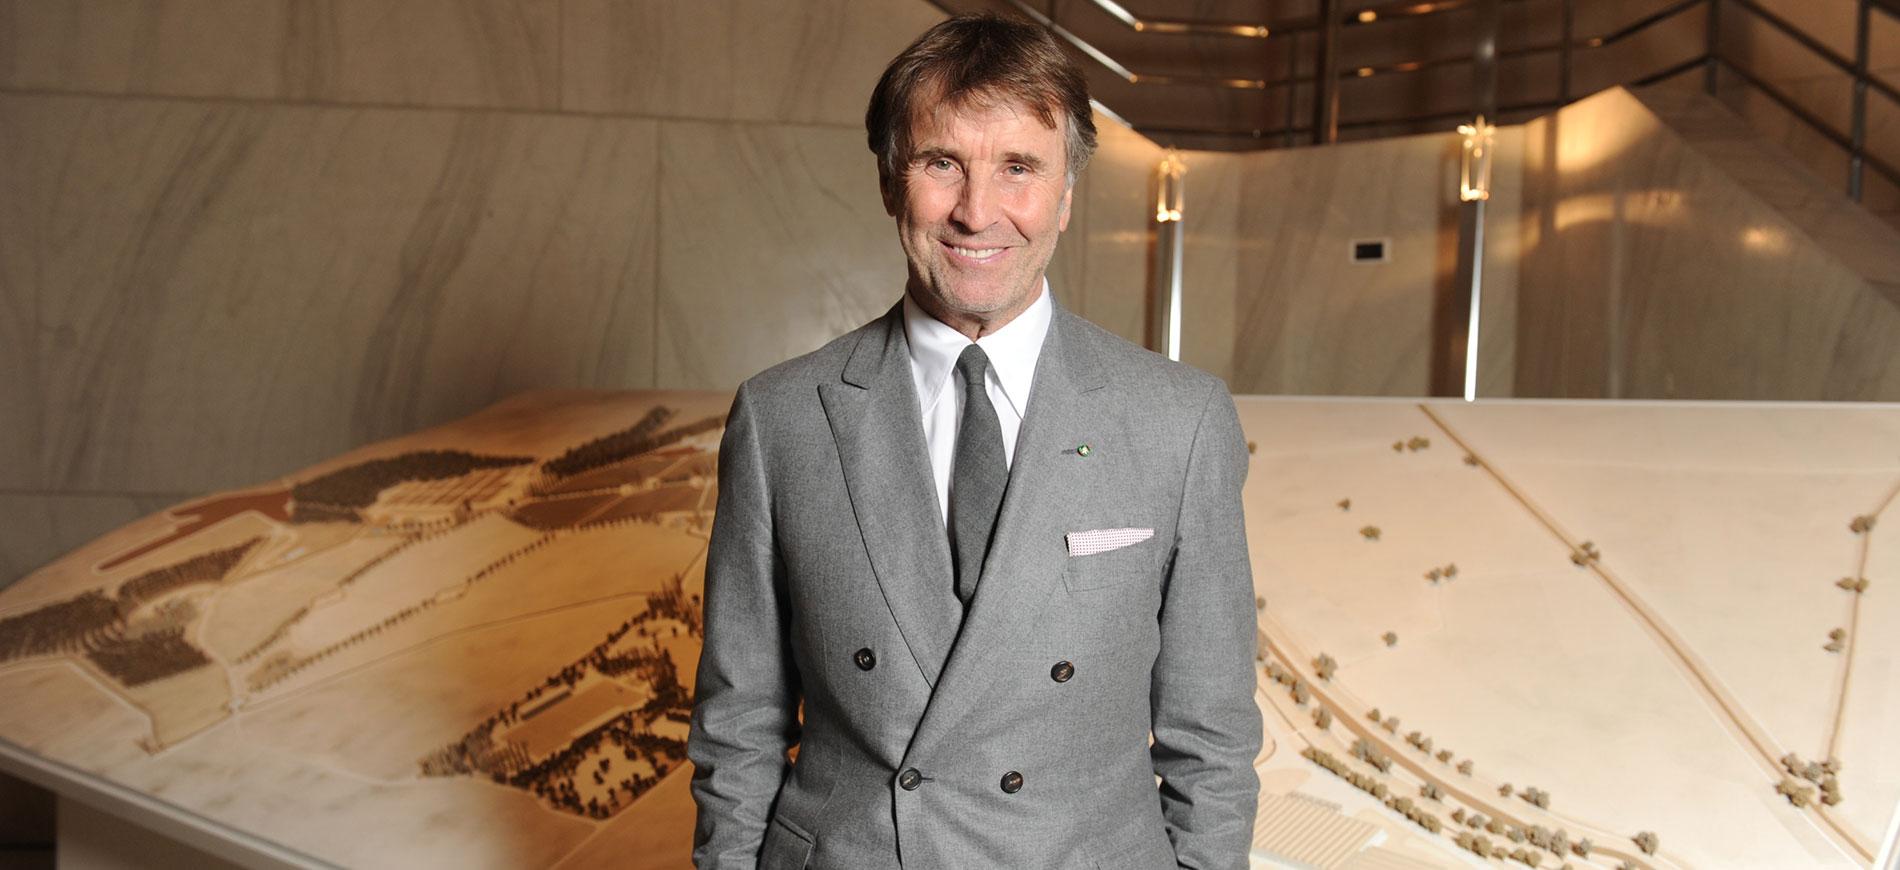 Imprenditori Italiani: Brunello Cucinelli portrait